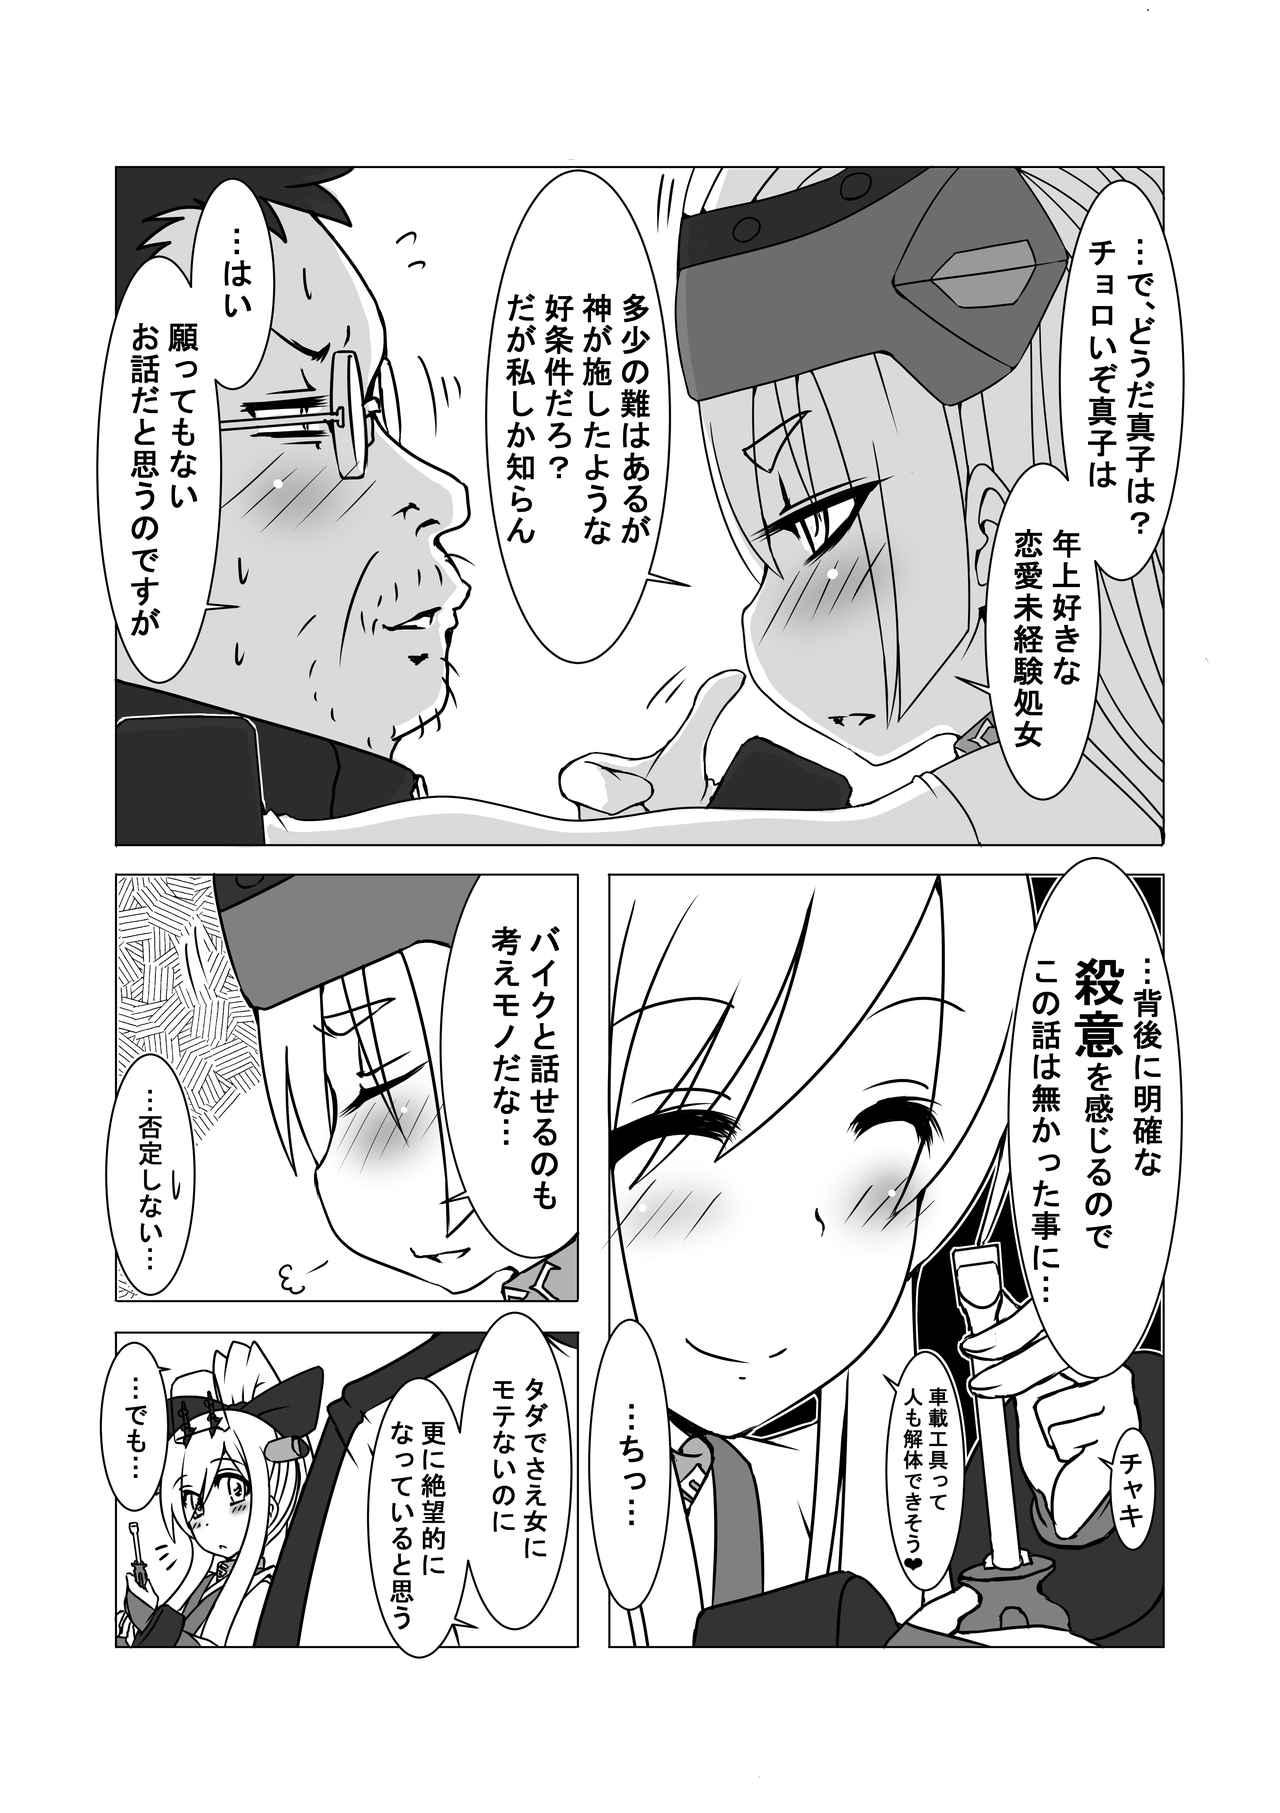 画像2: 『バイク擬人化菌書』連載:モテ期!?(第10話 峠のエース!?) 作:鈴木秀吉